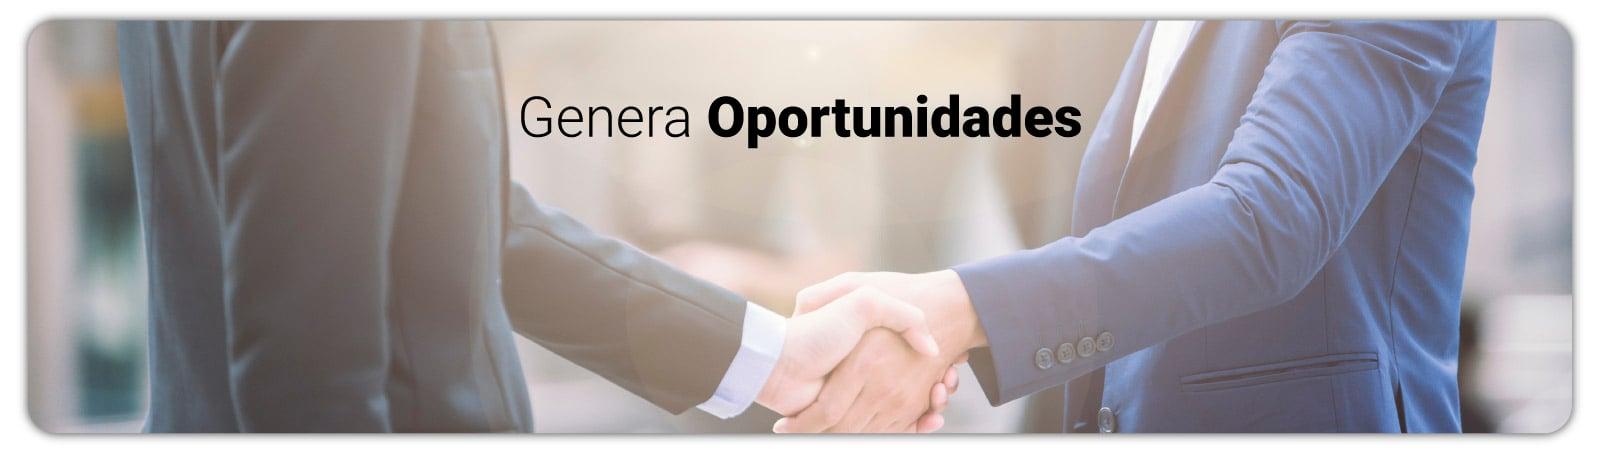 art-10-genera-oportunidades1